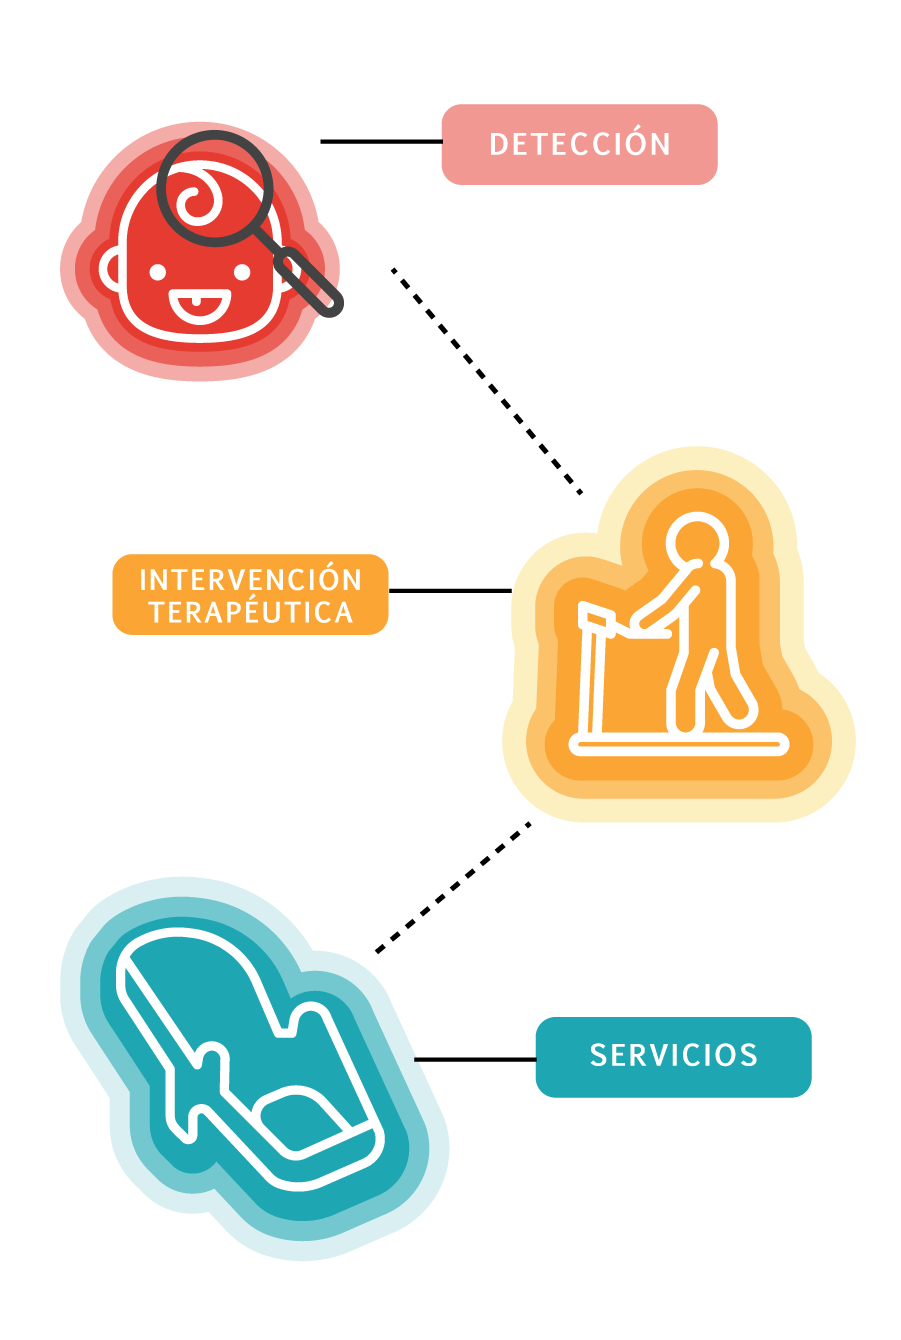 DETECCIÓN E INTERVENCIÓN TEMPRANA - En el área de Detección precoz se desarrolla un Programa de Evaluación y Seguimiento de los trastornos motrices del neurodesarrollo, que incluye evaluaciones periódicas de la motricidad global e intervenciones terapéuticas en neurorehabilitación a niños y niñas de 0 a 2 años, que durante la etapa prenatal, perinatal y/o posnatal presentaron factores de riesgo neurológico.